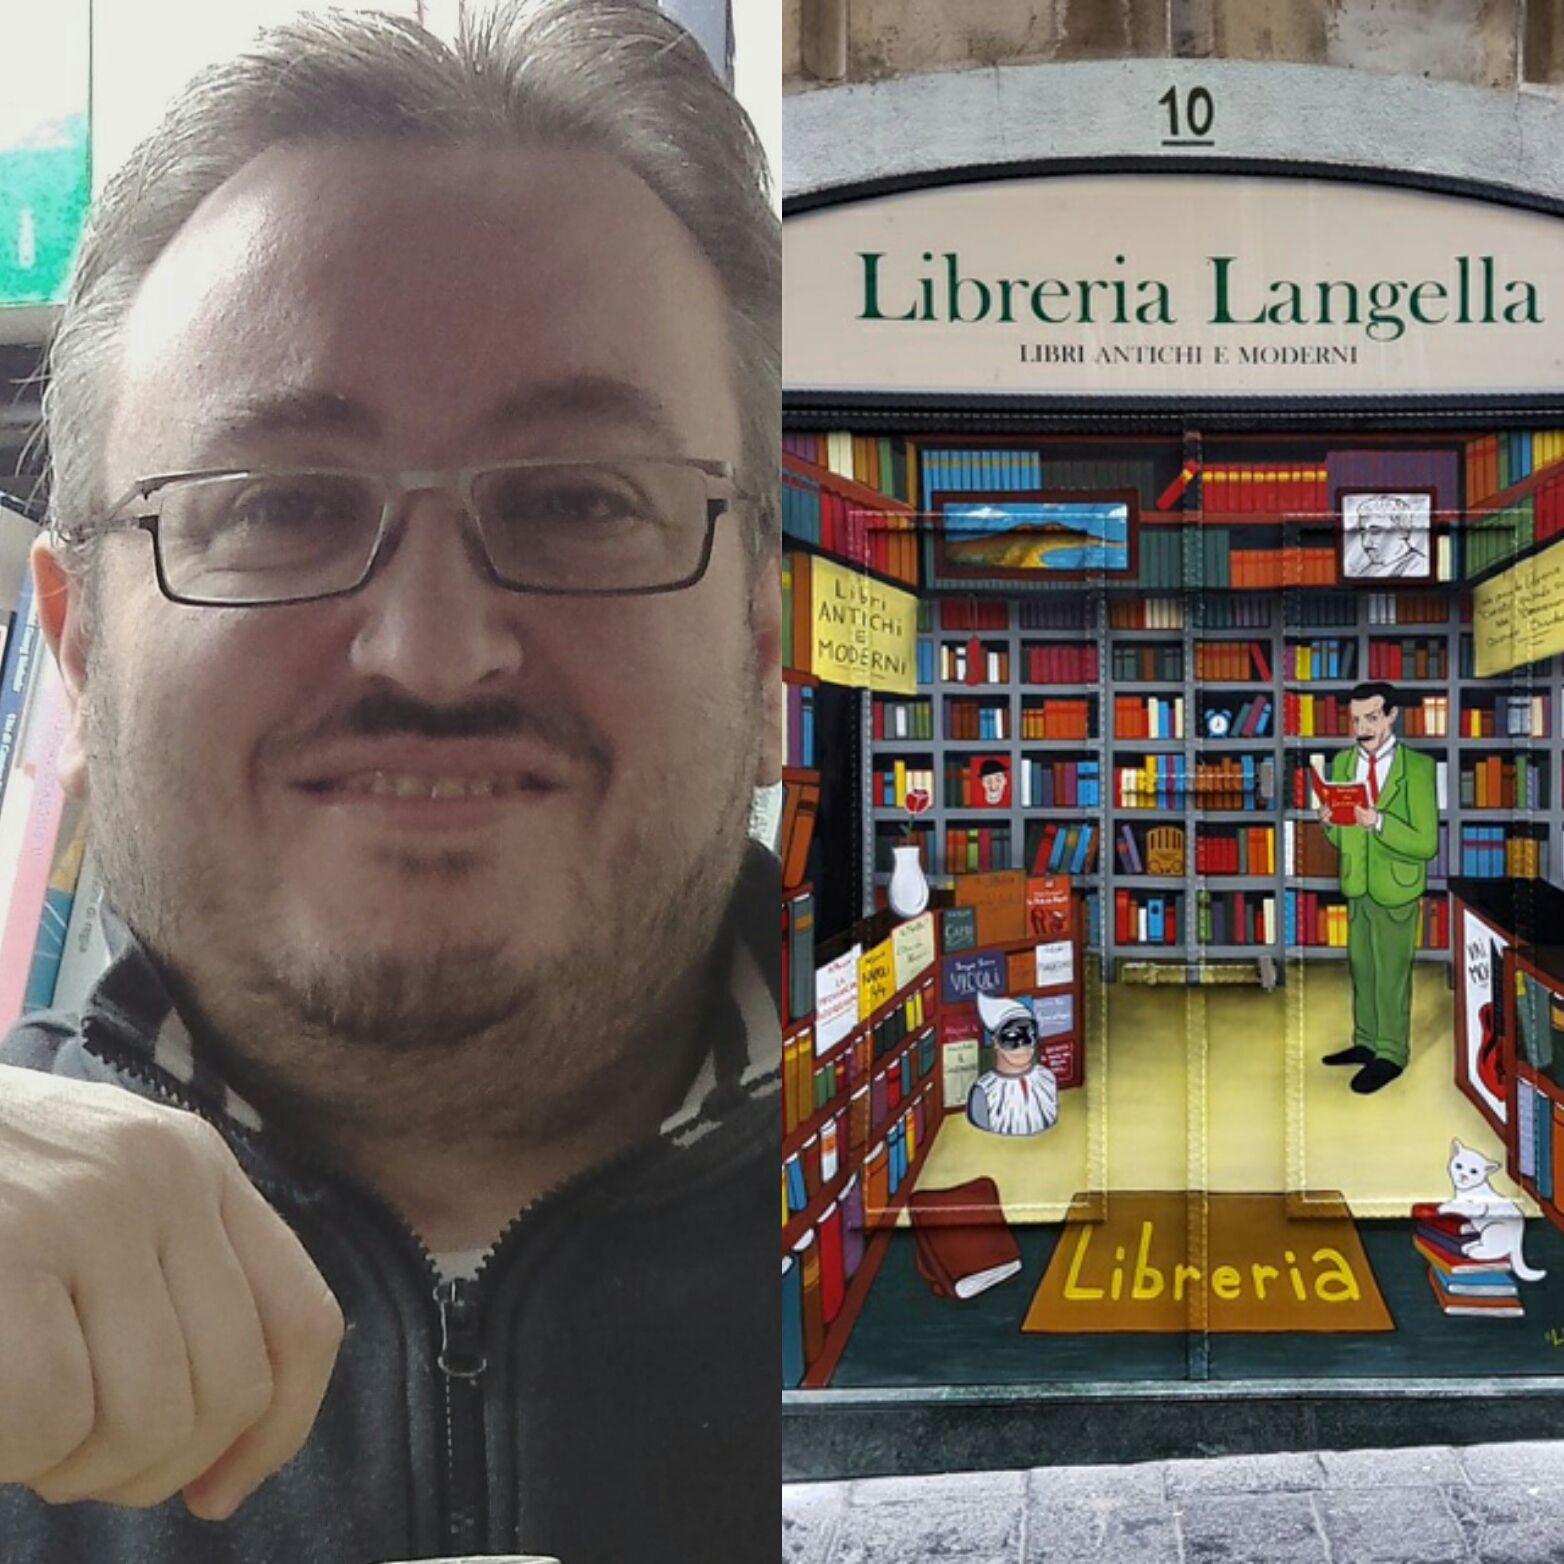 """Libreria Langella di Napoli: tra rarità bibliofile e """"Stupidari librari"""""""